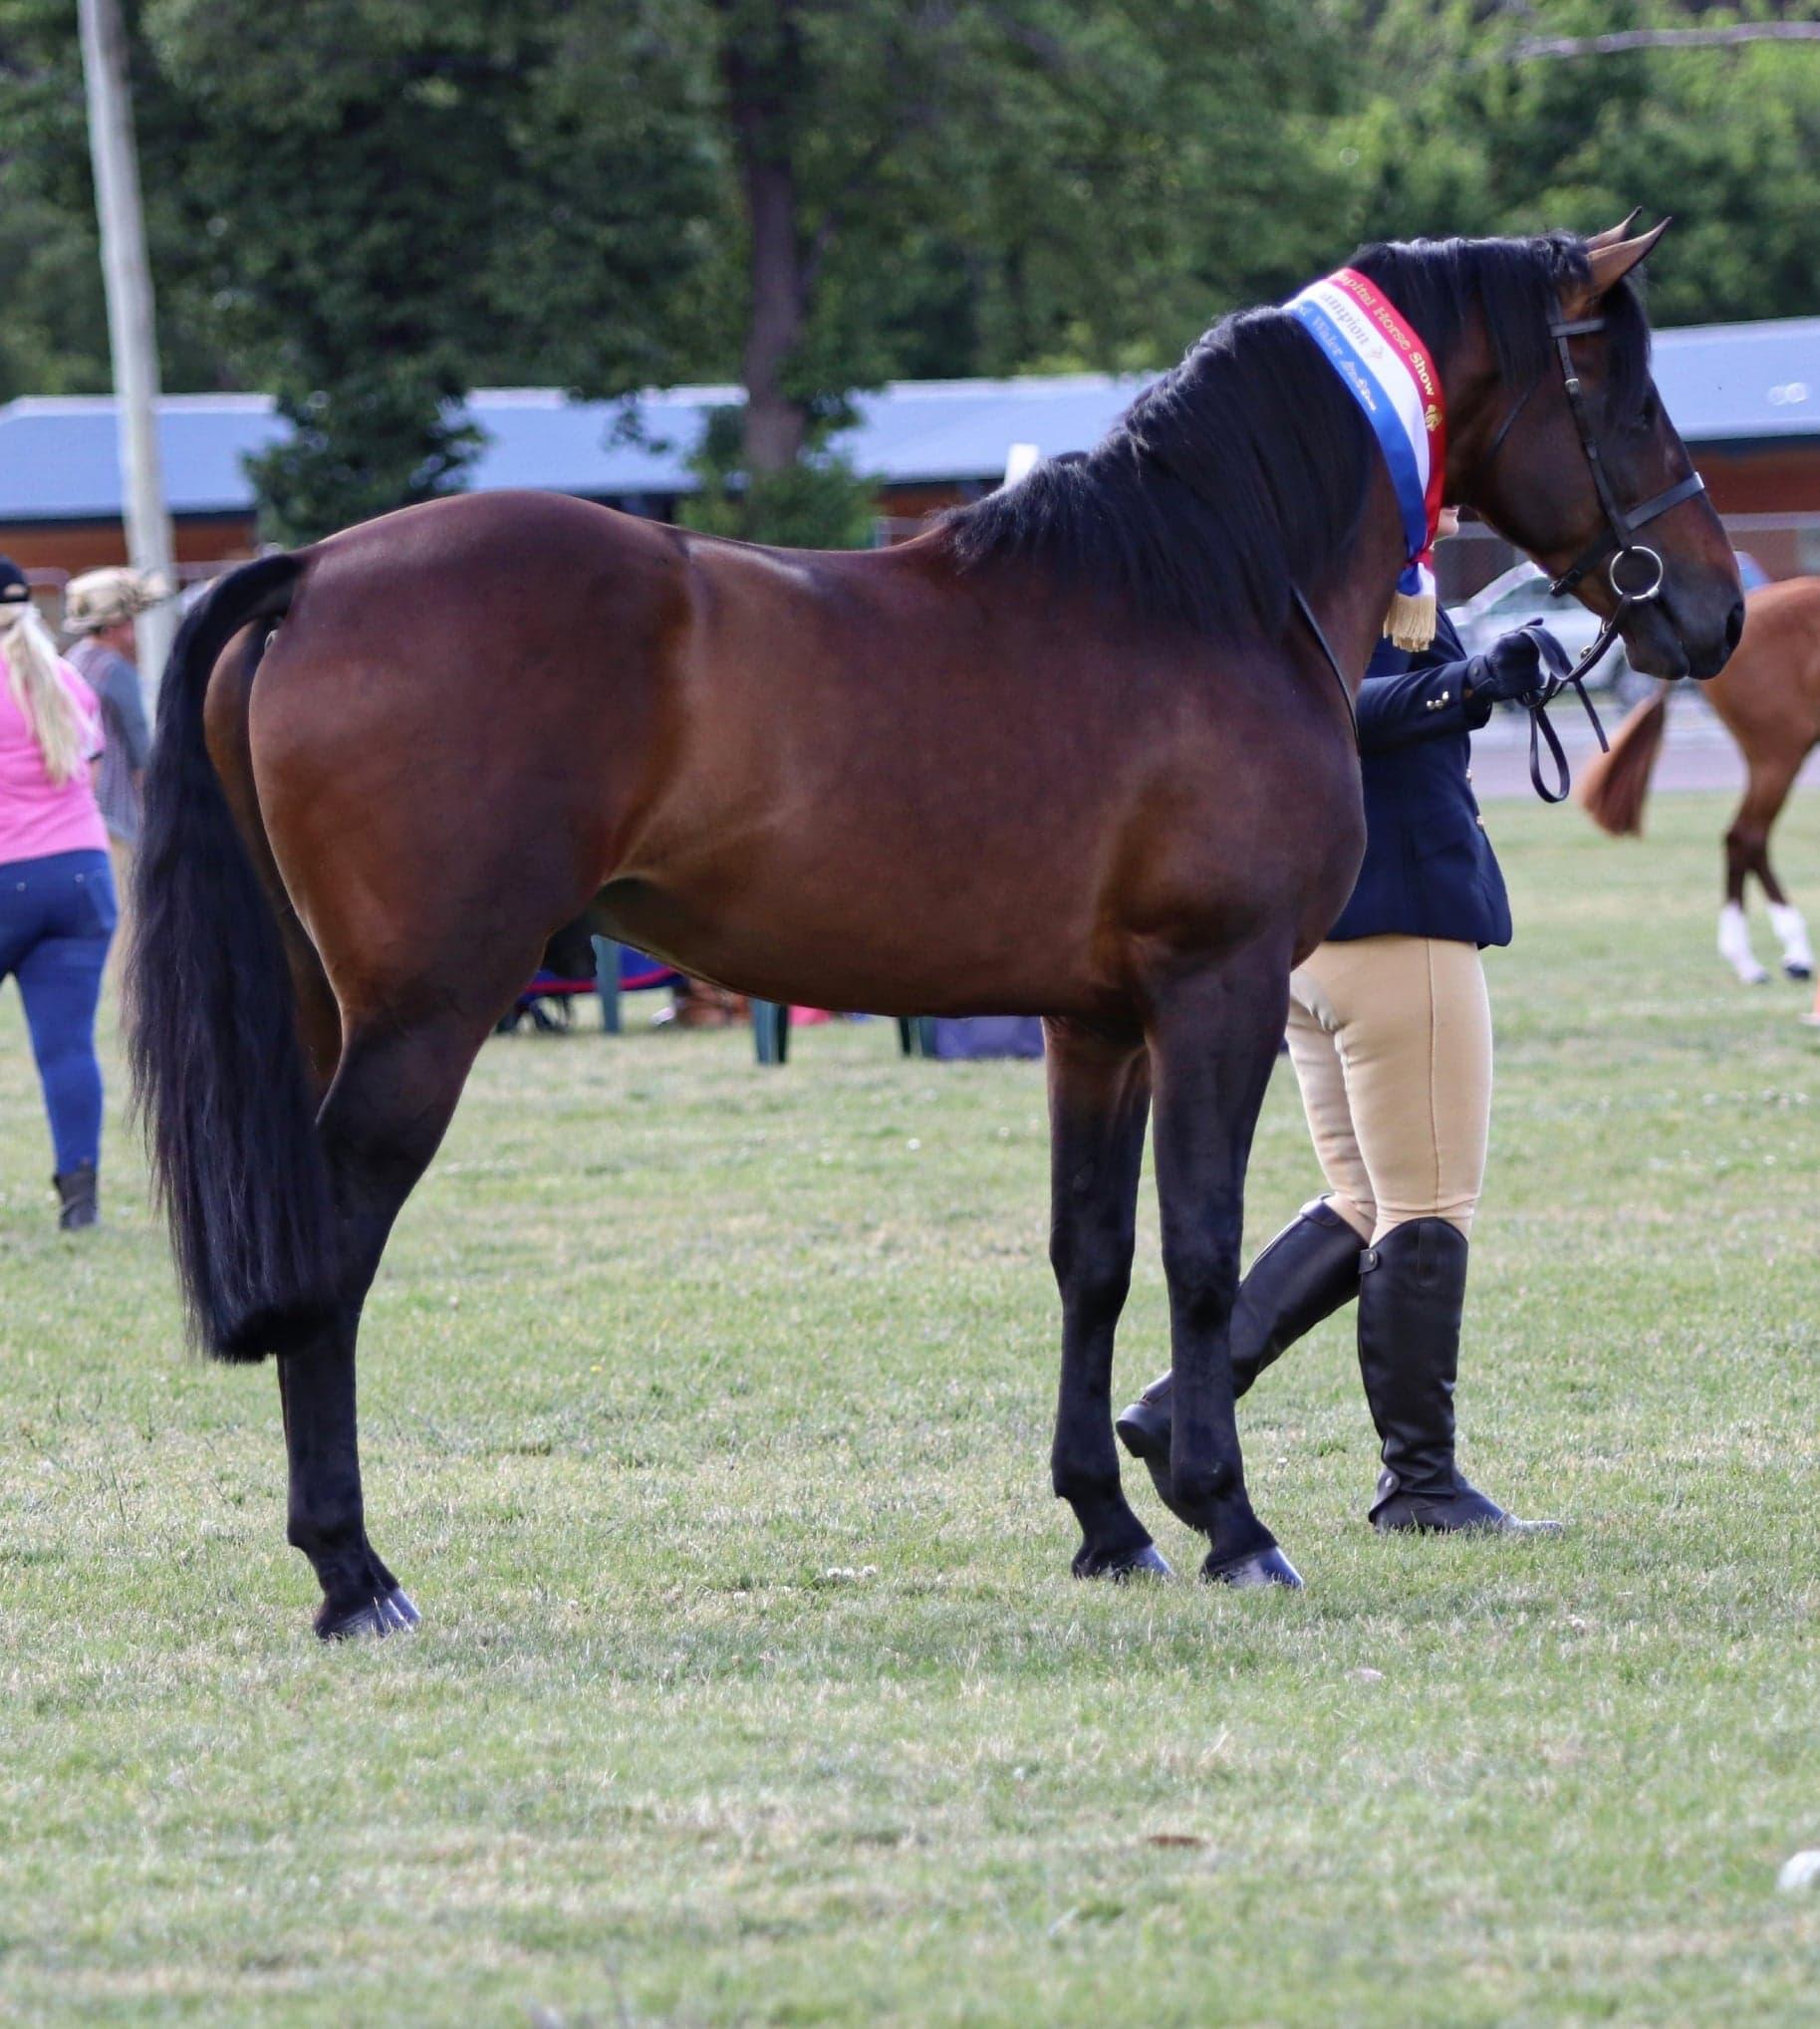 Trublu Trail Blazer, Waler stallion, at Nat Caps (National Capital Horse Show) 2018